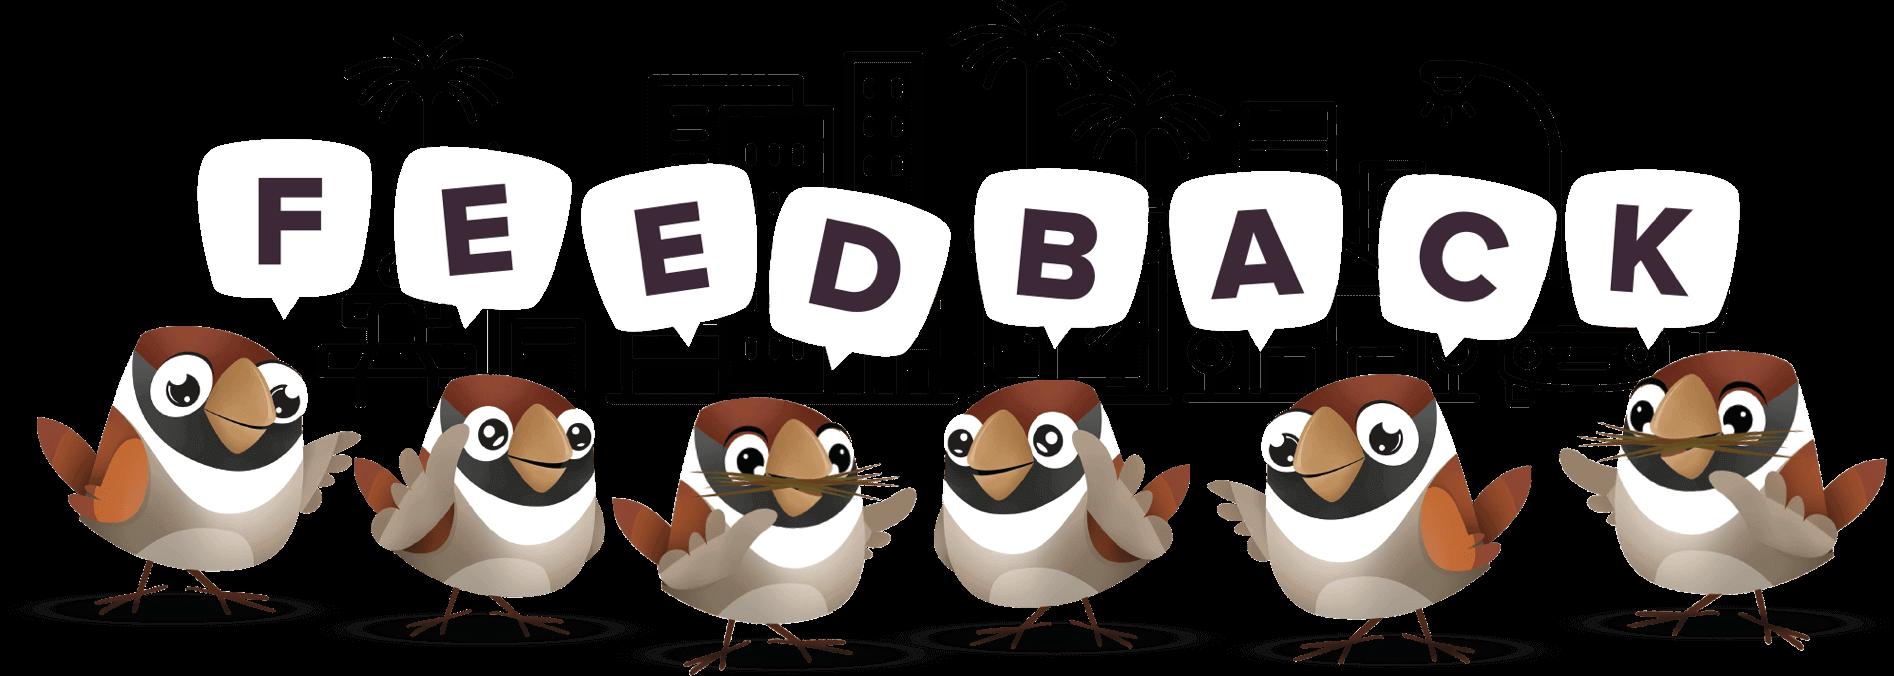 Employee Feedback Software Sparrows SurveySparrow